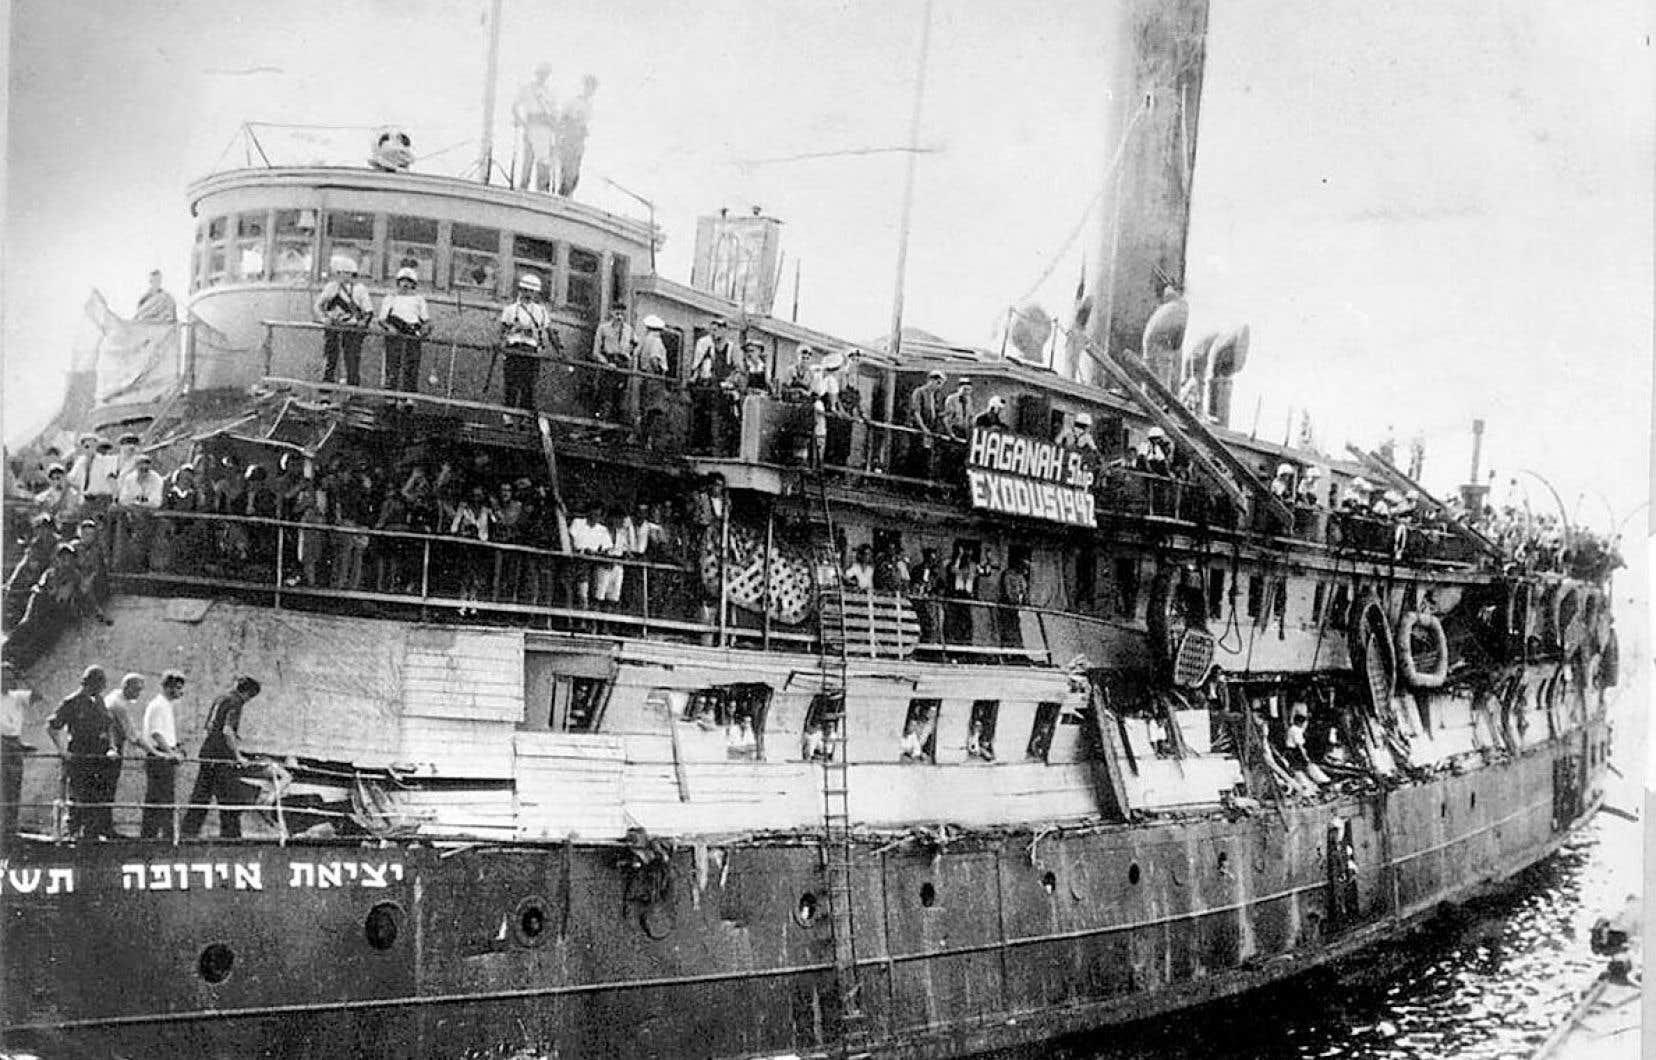 Près de 100 000 Juifs arriveront au Canada par bateau après l'Holocauste. Les passagers de «L'Exodus» n'ont jamais pu rejoindre la Palestine.